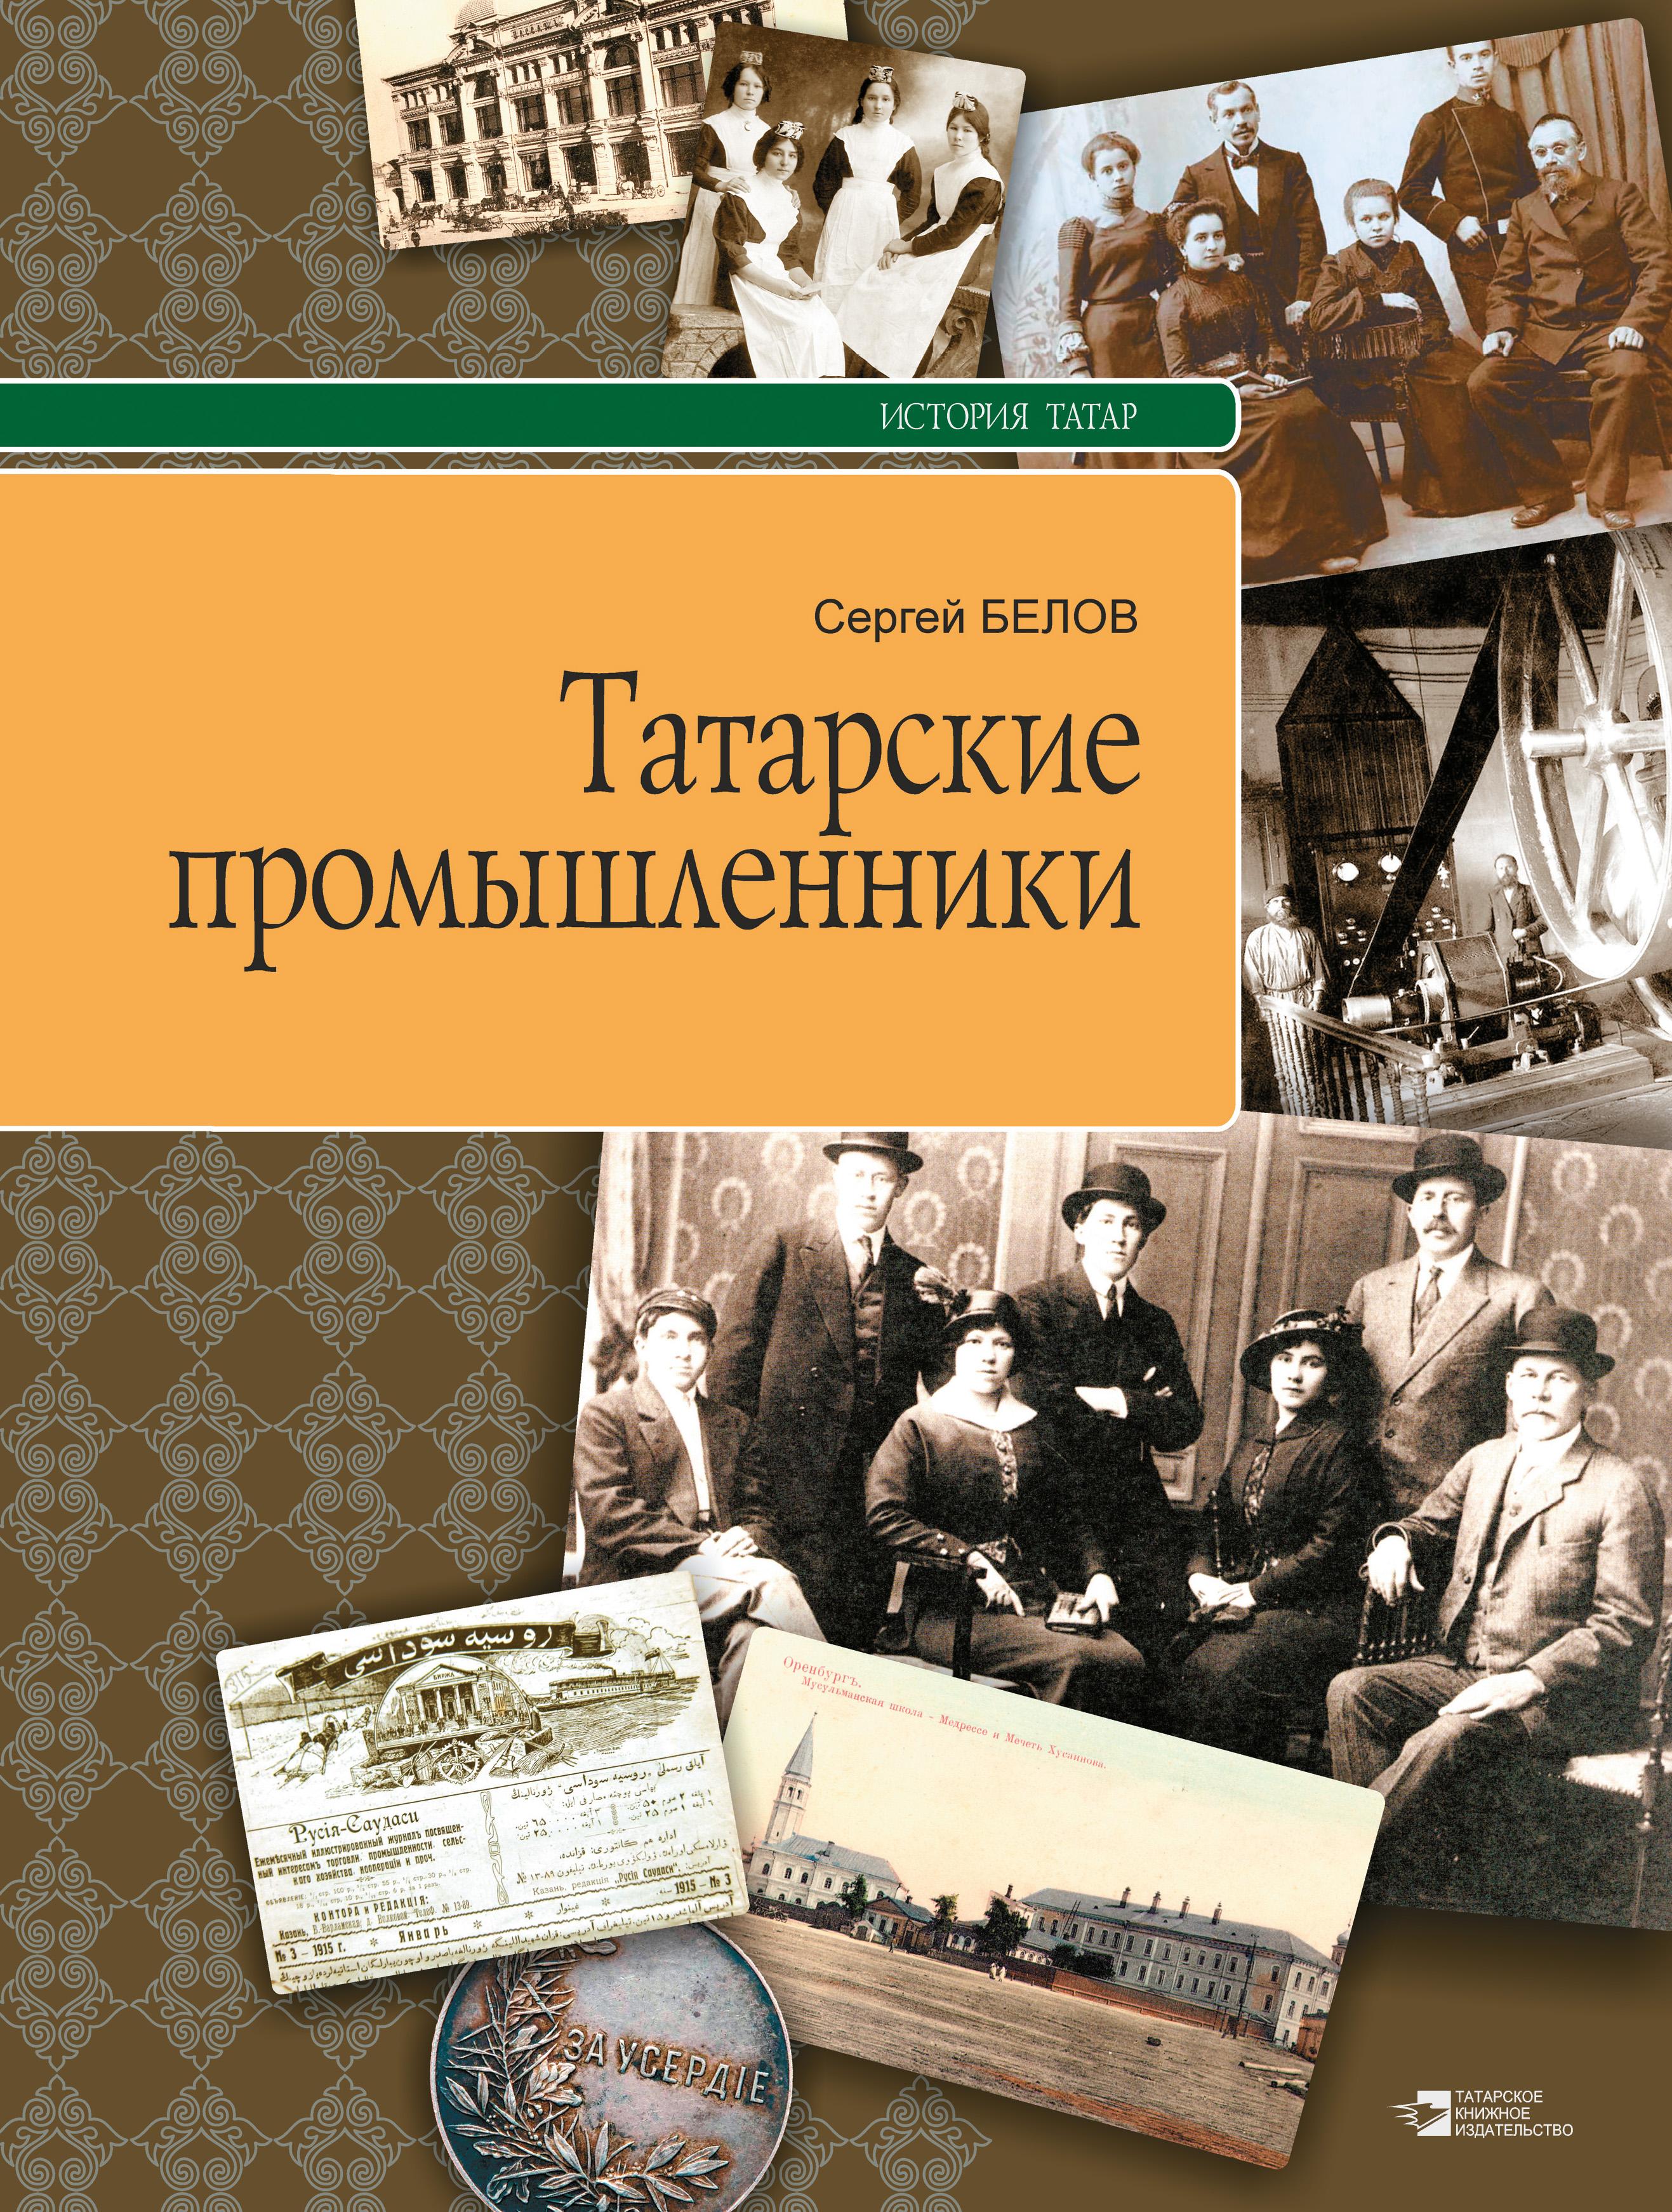 Татарские промышленники_Сергей Белов